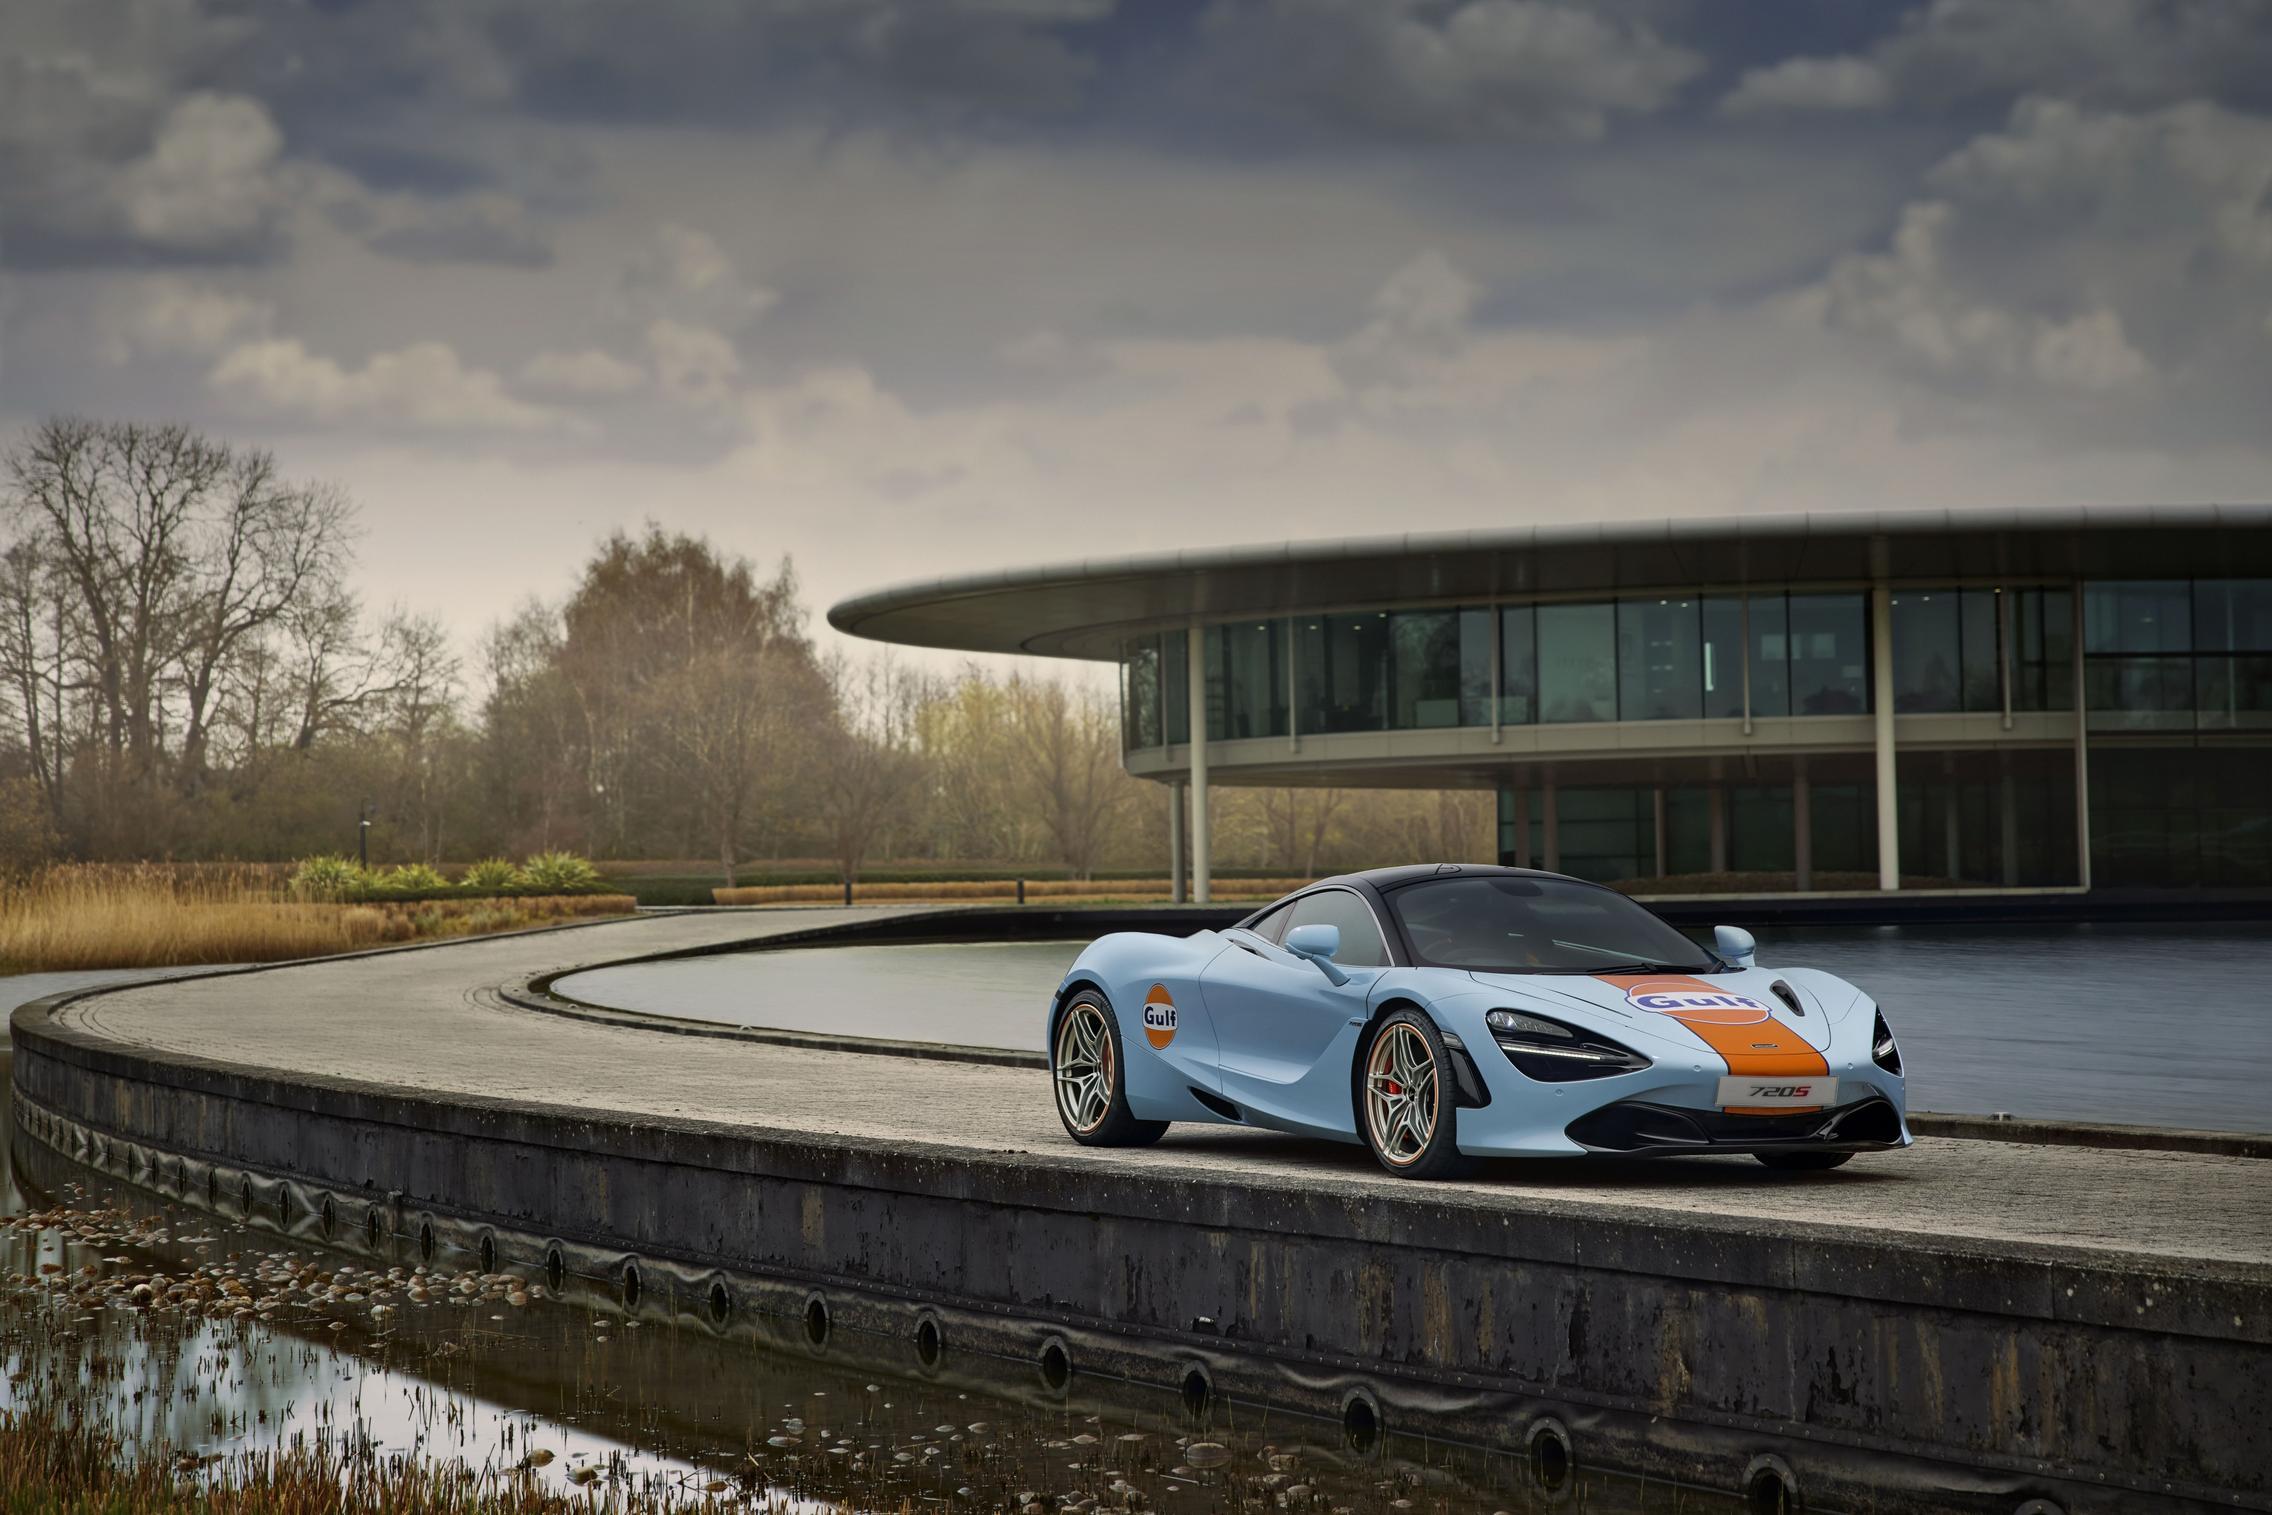 MSO Gulf McLaren 720S